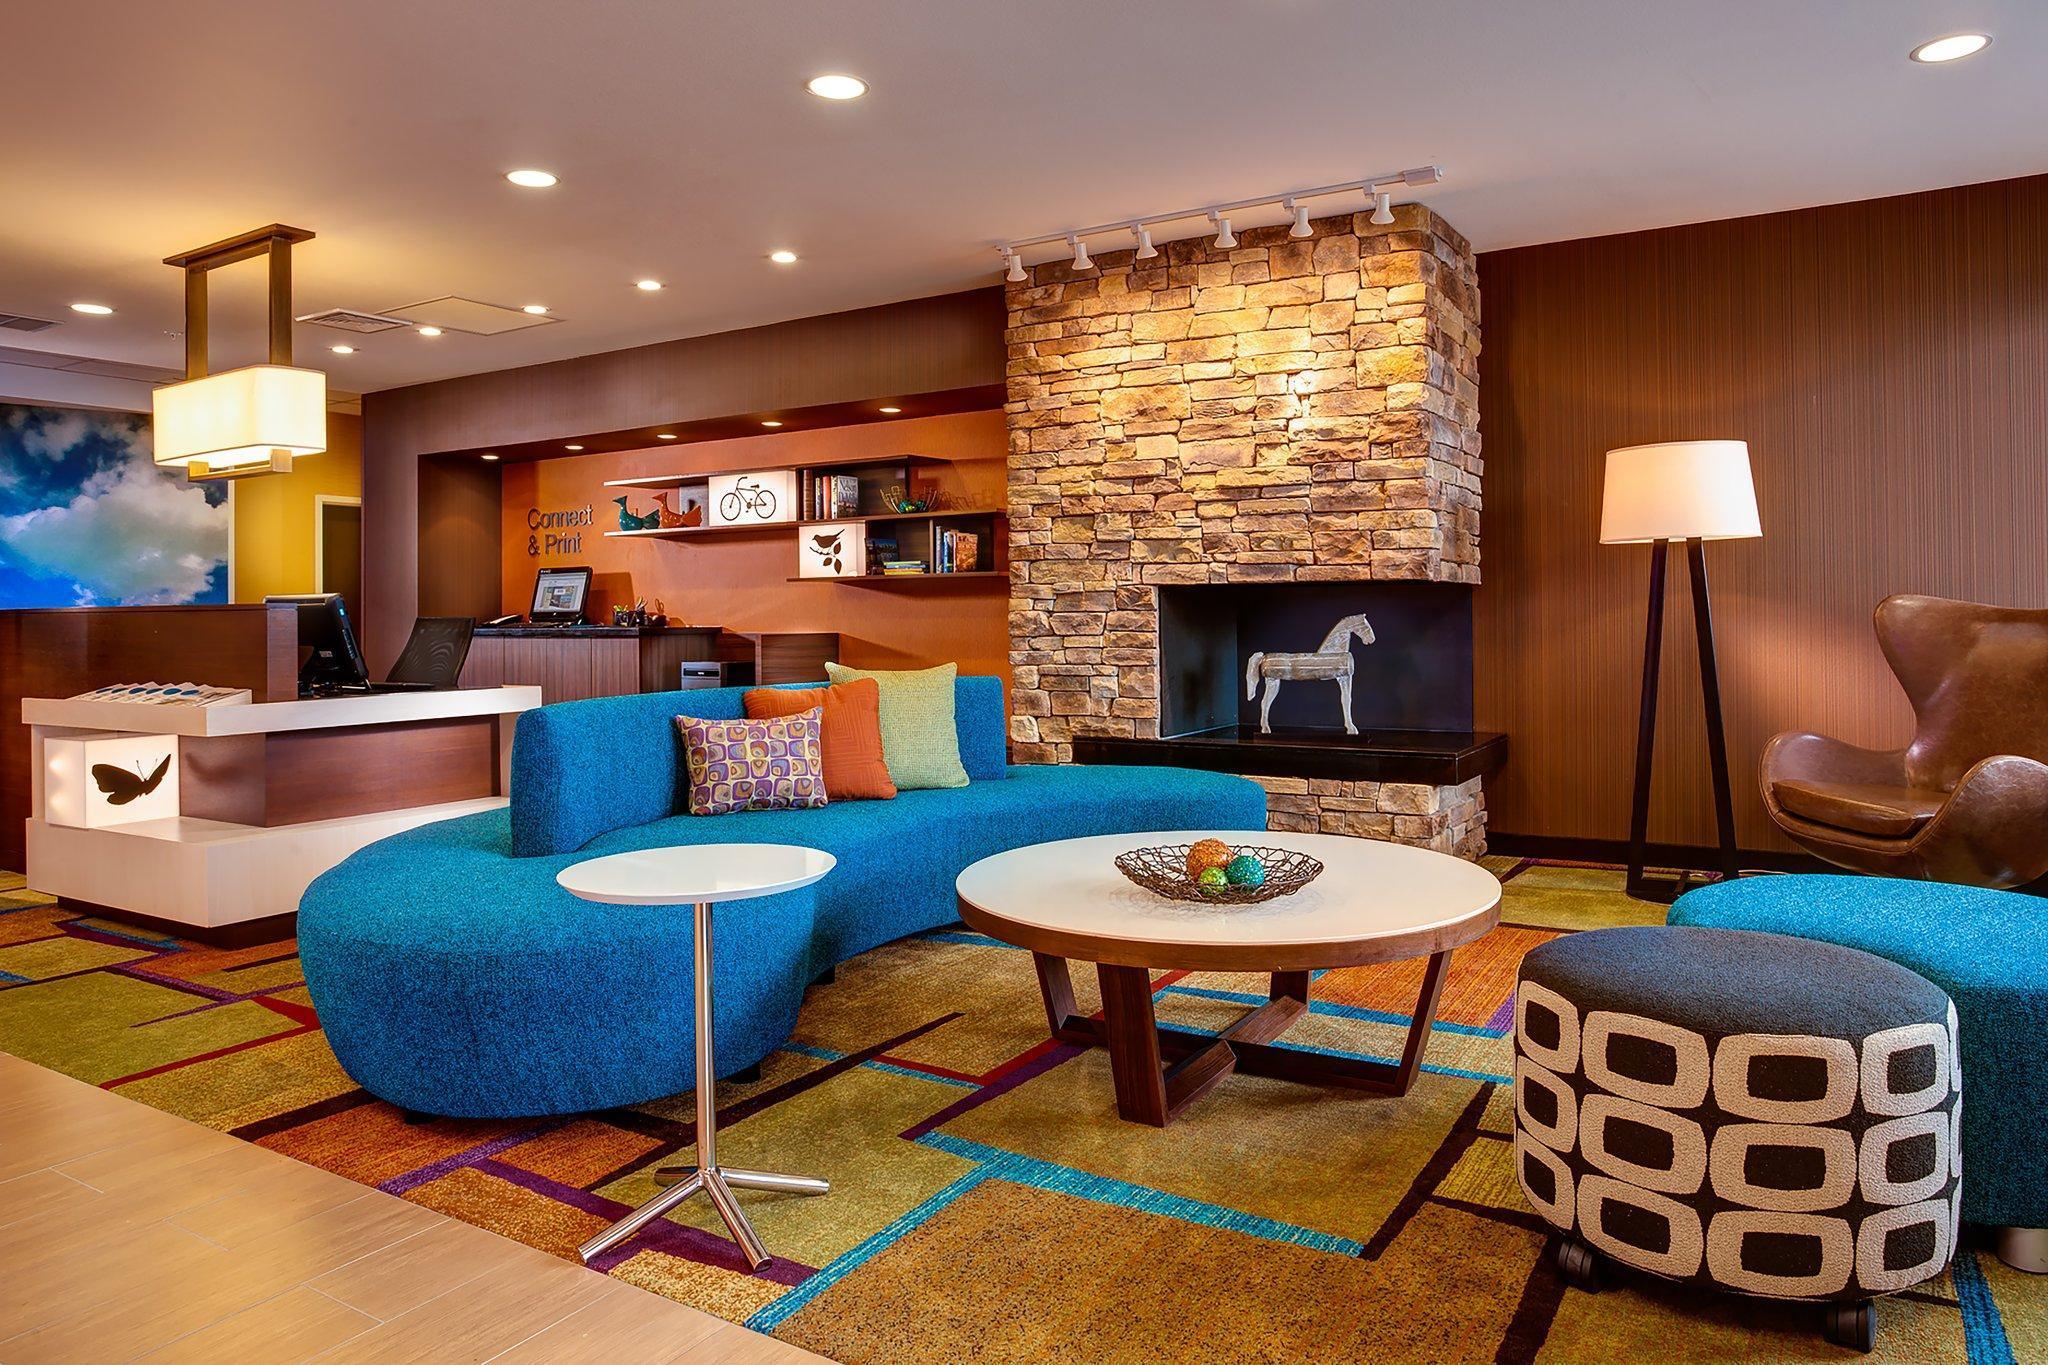 Fairfield Inn And Suites Hollister